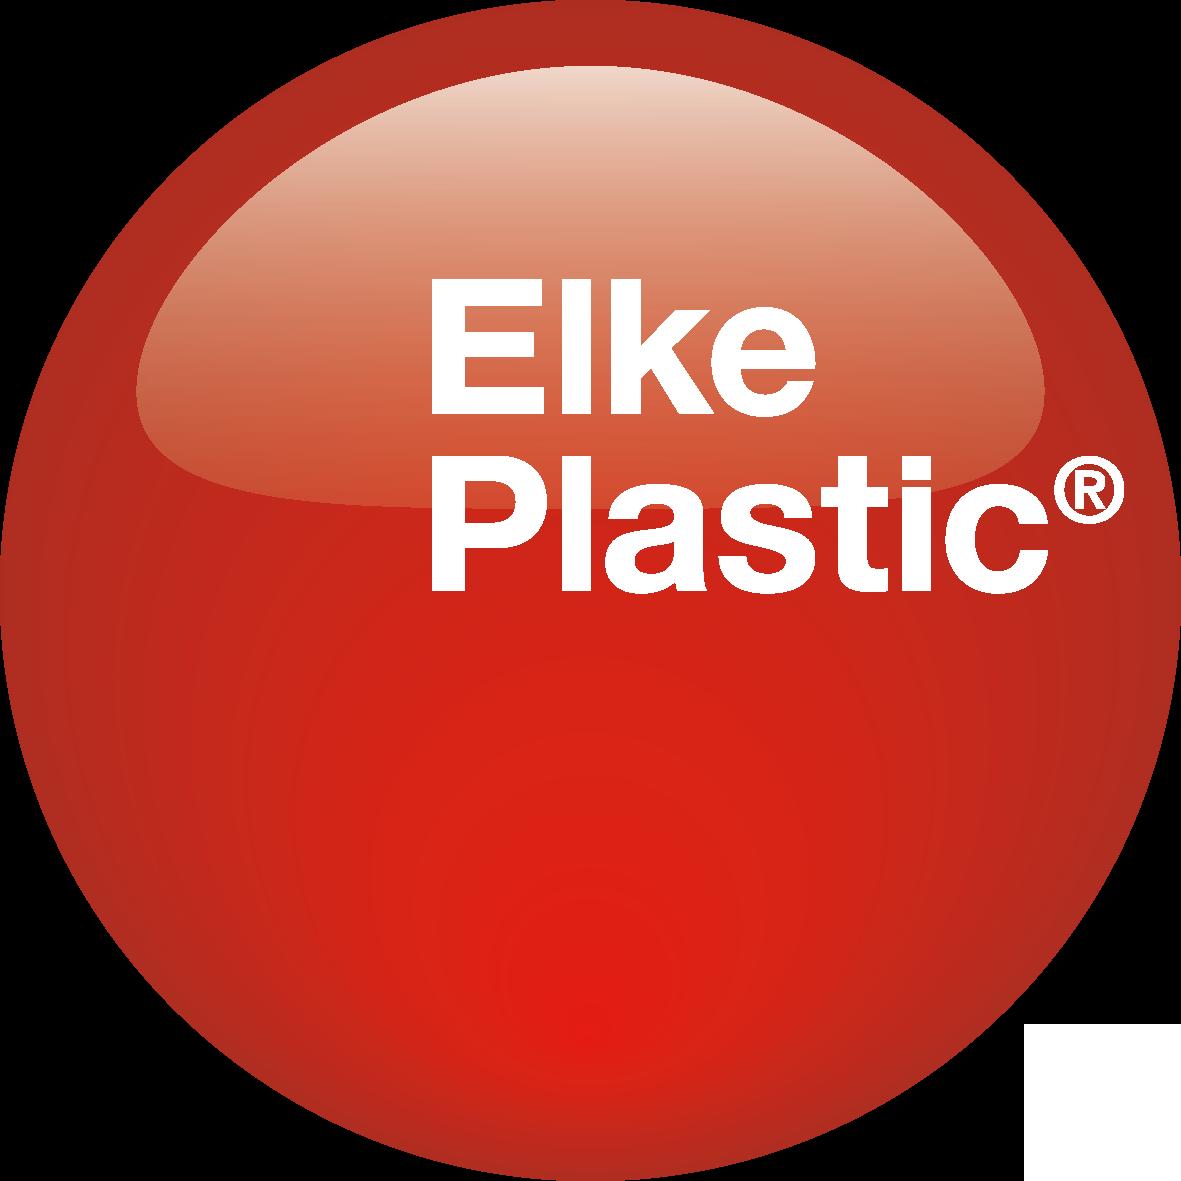 Elke_Plastic